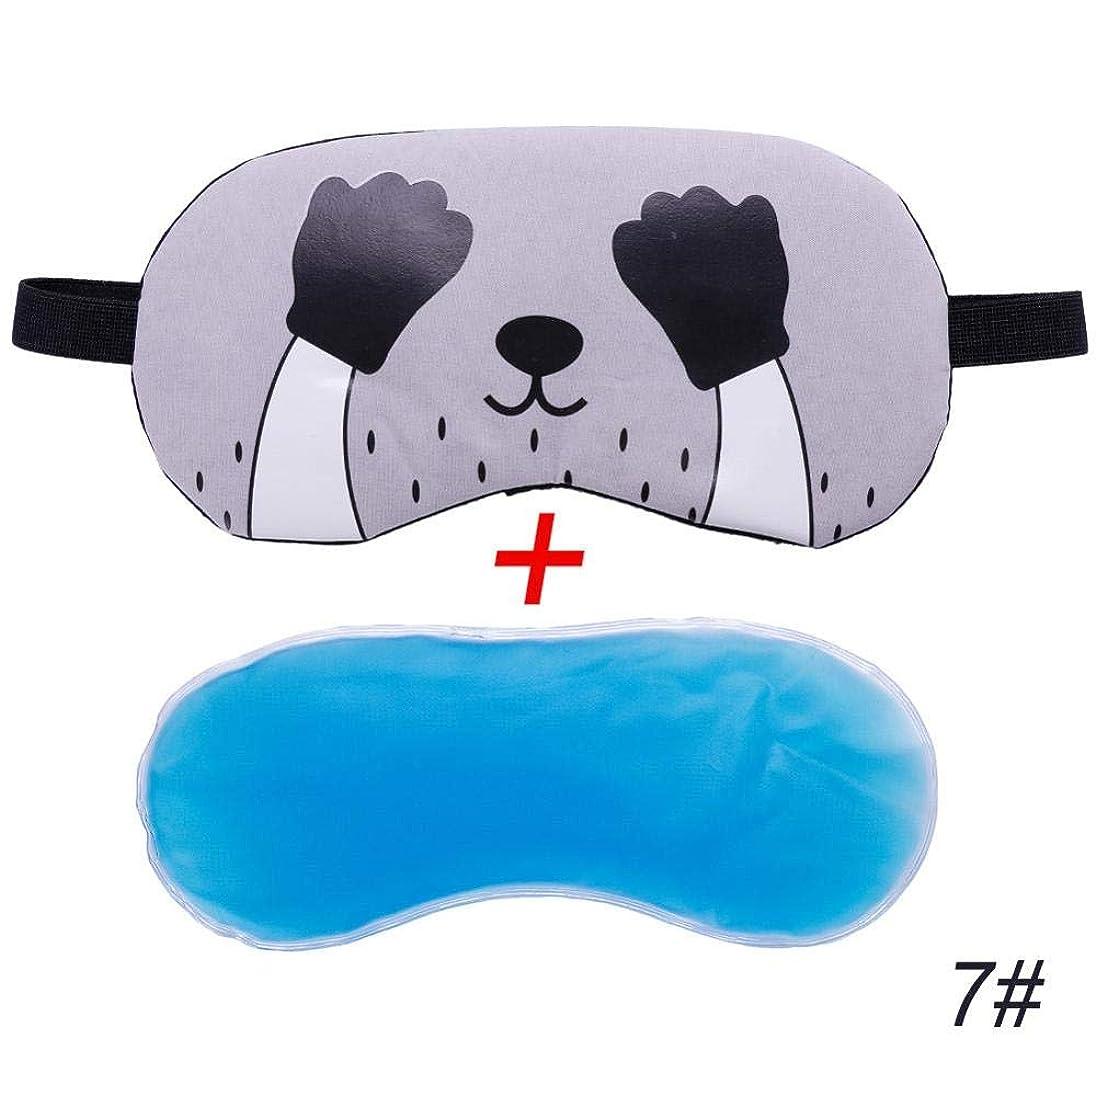 パラナ川データム扱いやすいNOTE アイスジェルアイシェードクールアイマスク睡眠マスクアイパッチソフトコットンカバー旅行リラックス睡眠補助ツール#280205